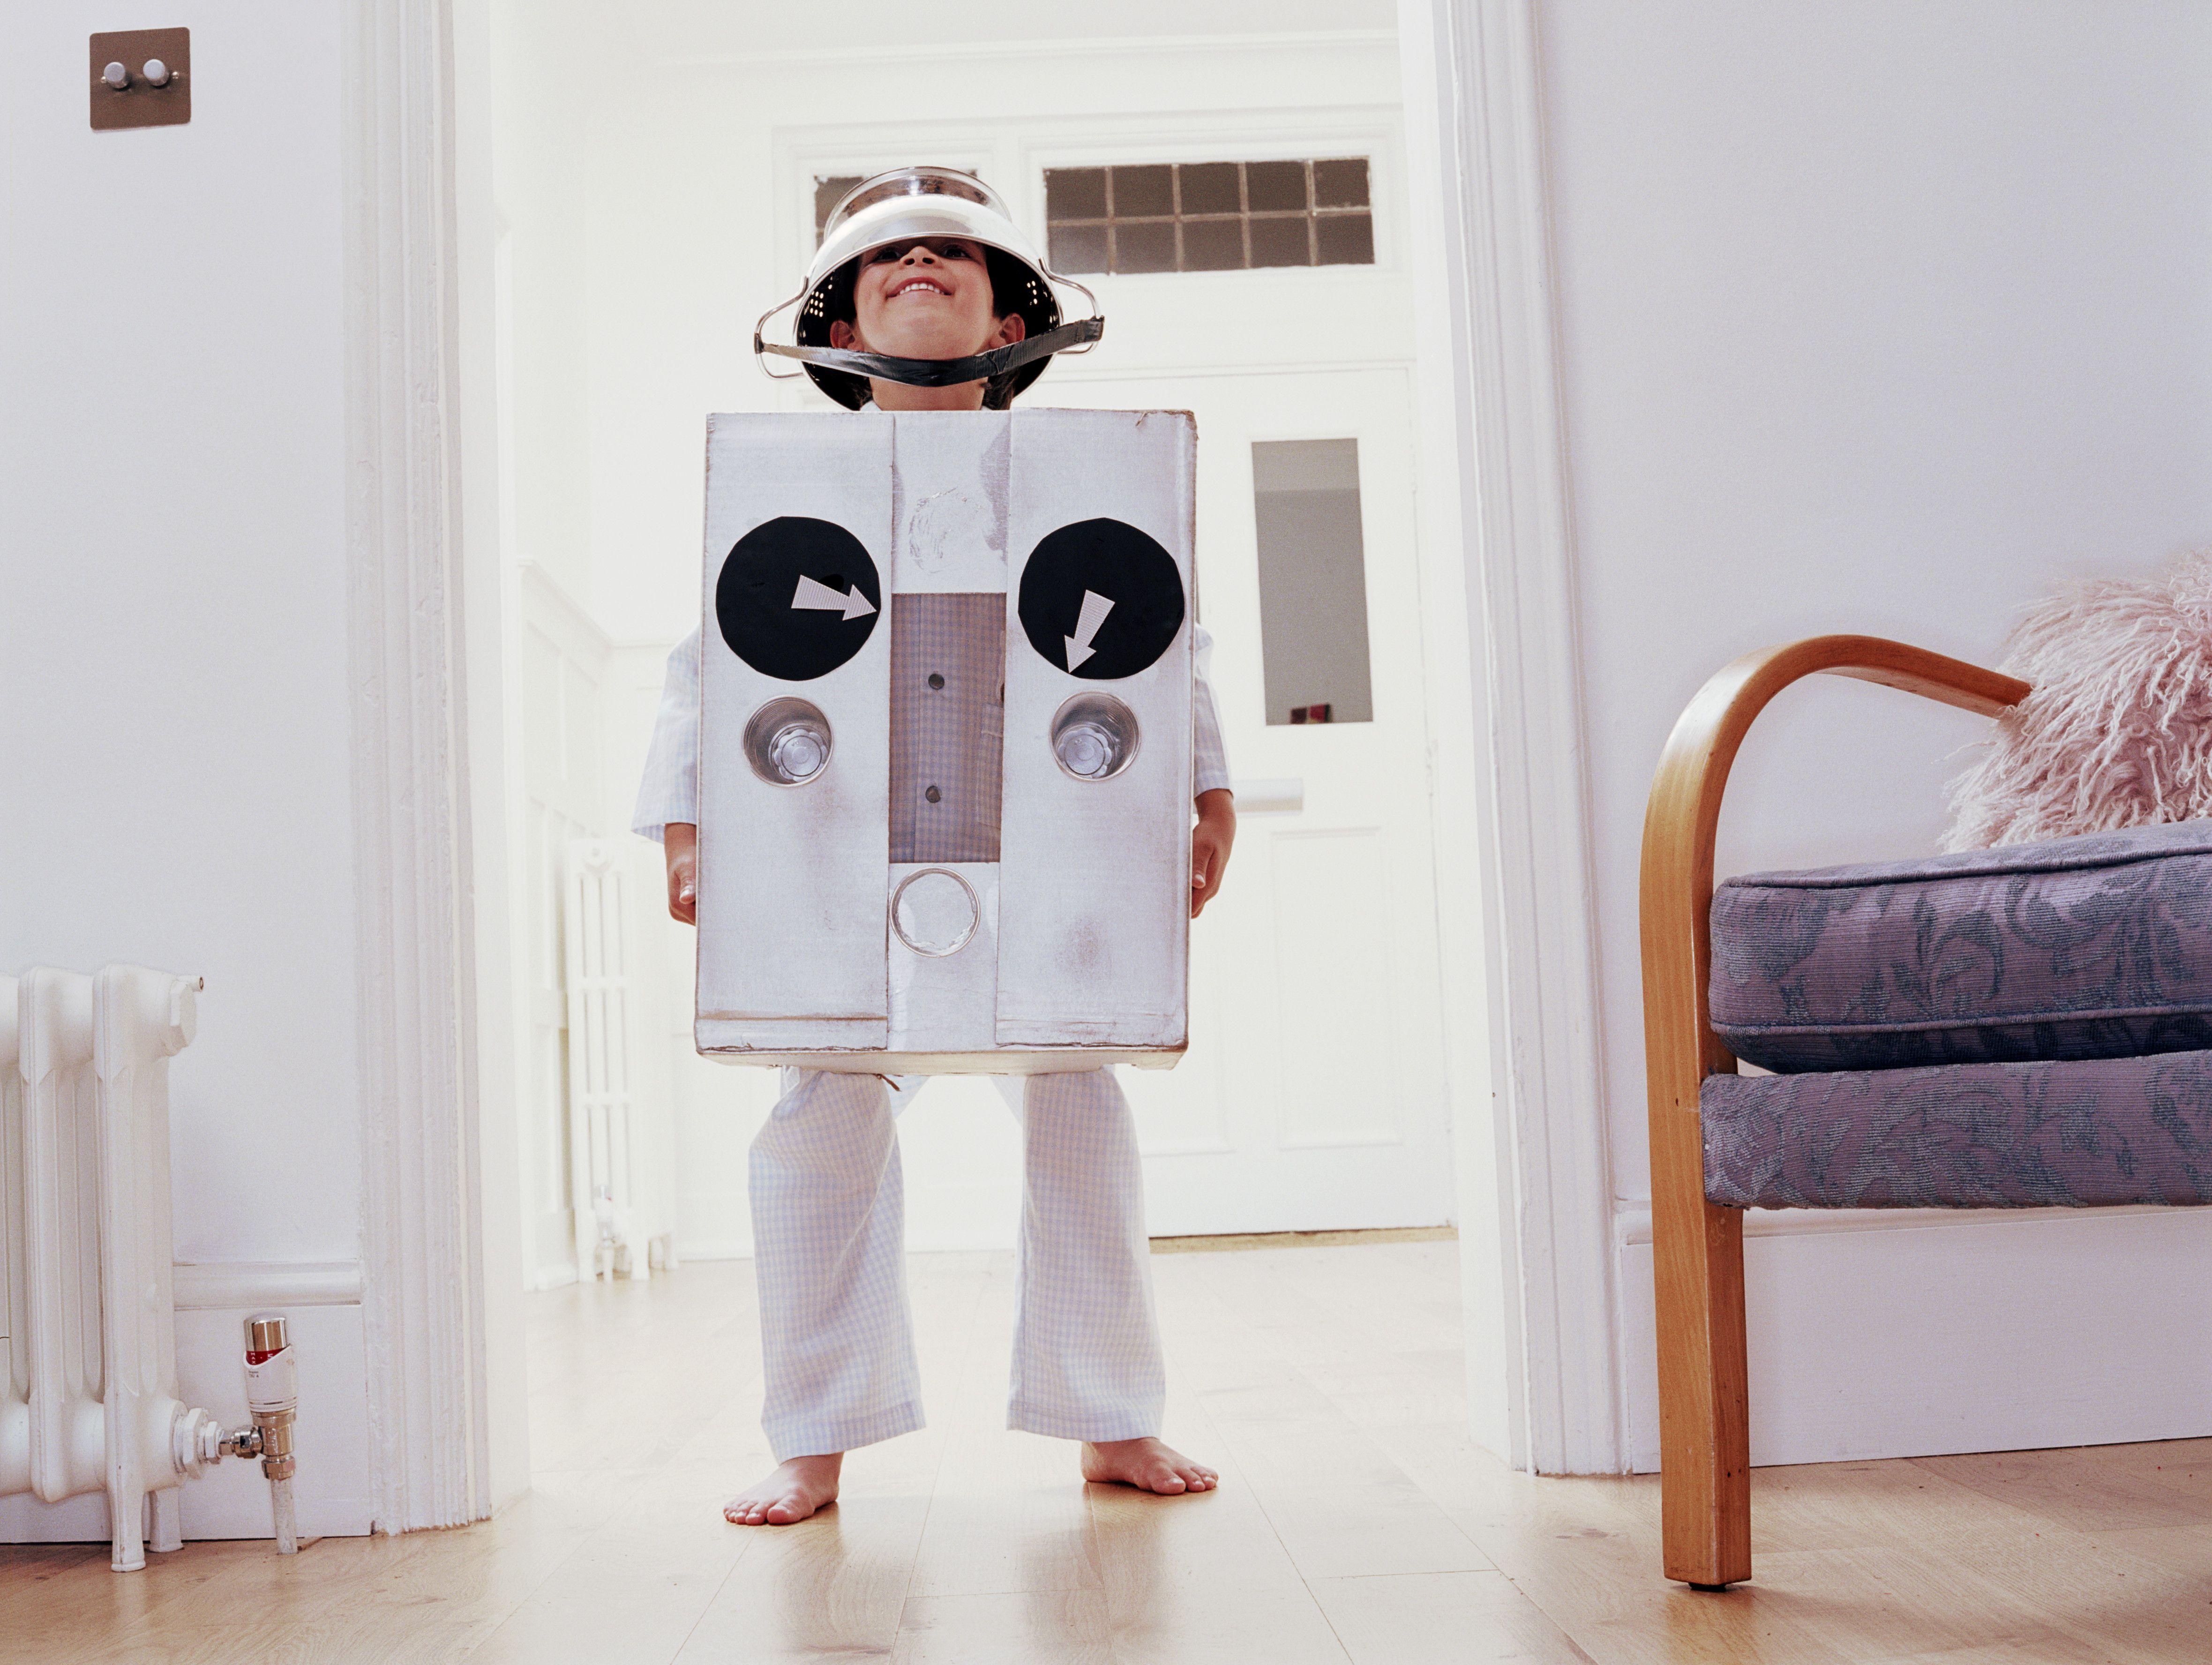 Boy (6-8) wearing robot costume